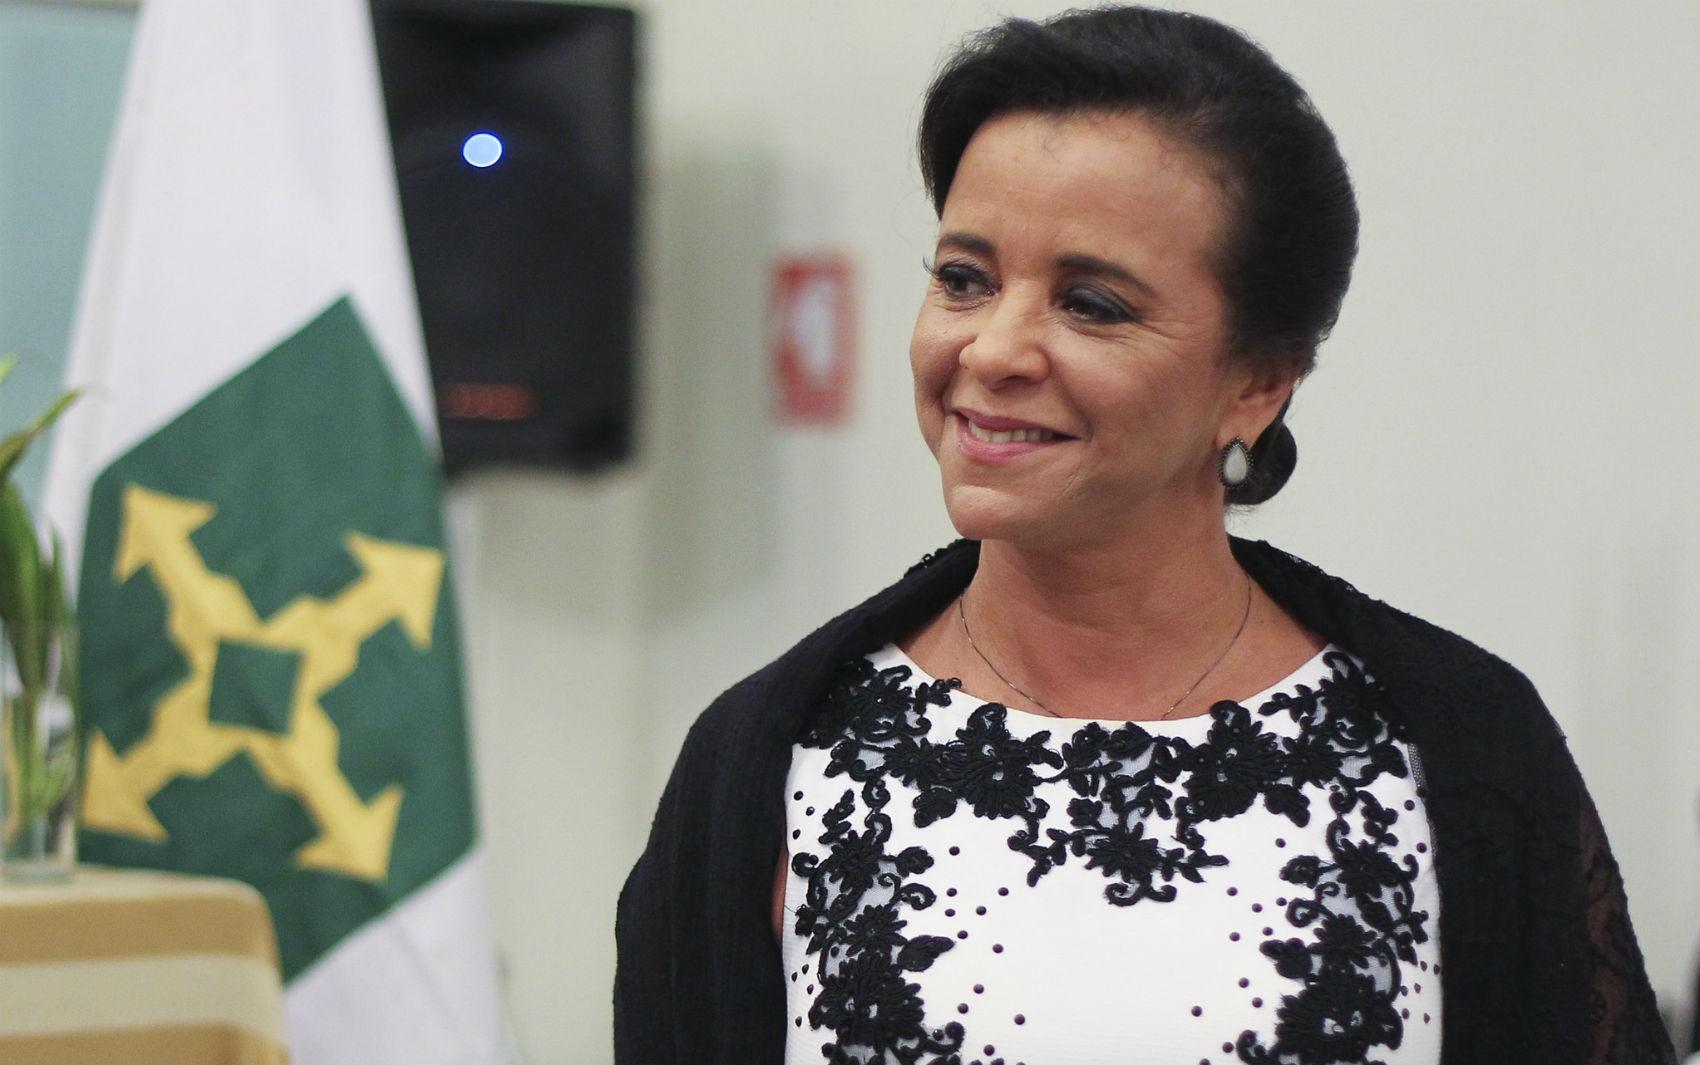 Márcia Rollemberg 'reage muito bem' a tratamento contra câncer, diz GDF